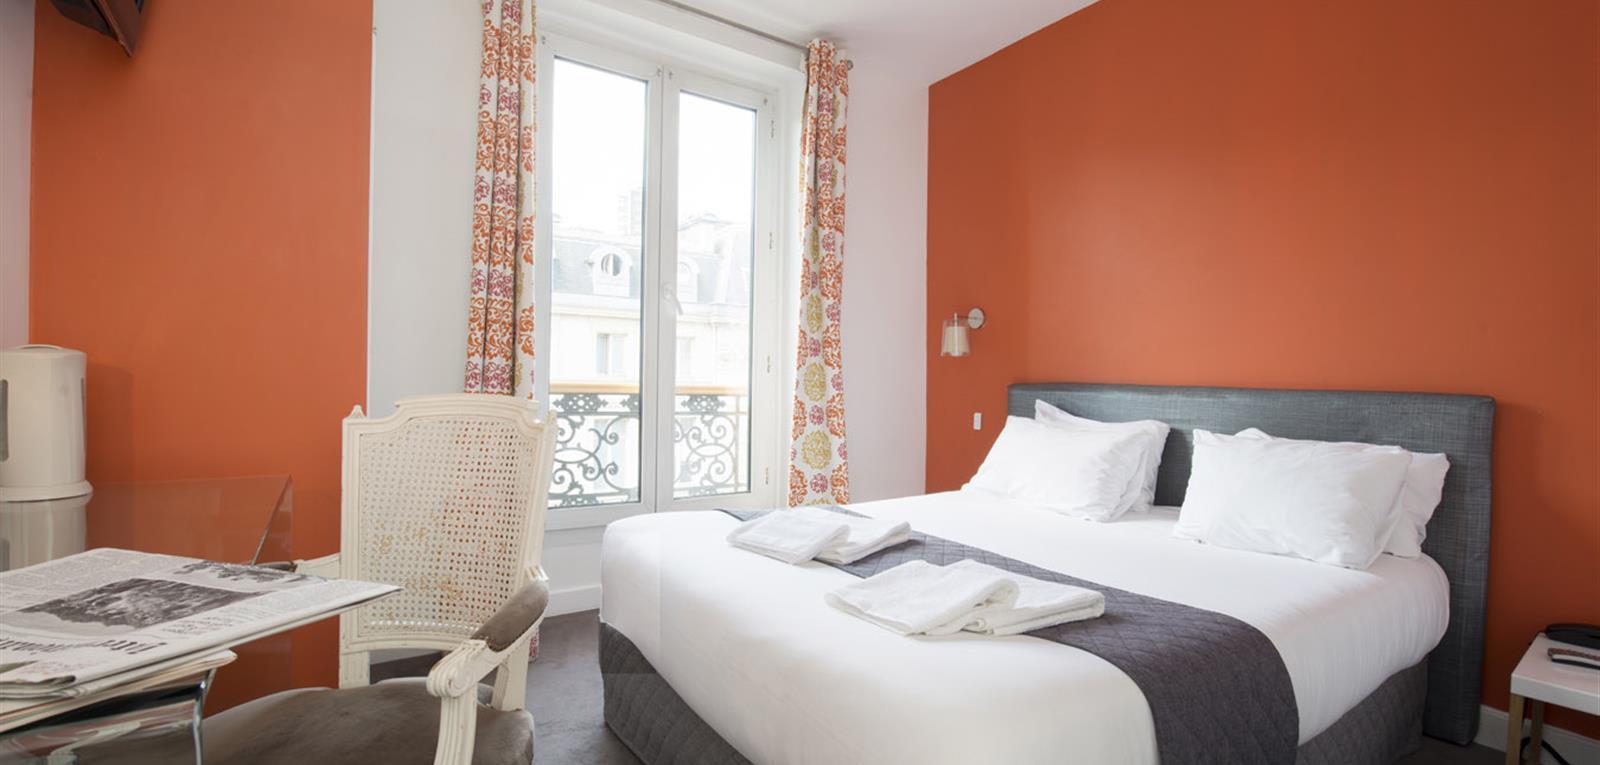 Chambre Standard Double - Votre chambre Hôtel Quartier Louvre – Le ...